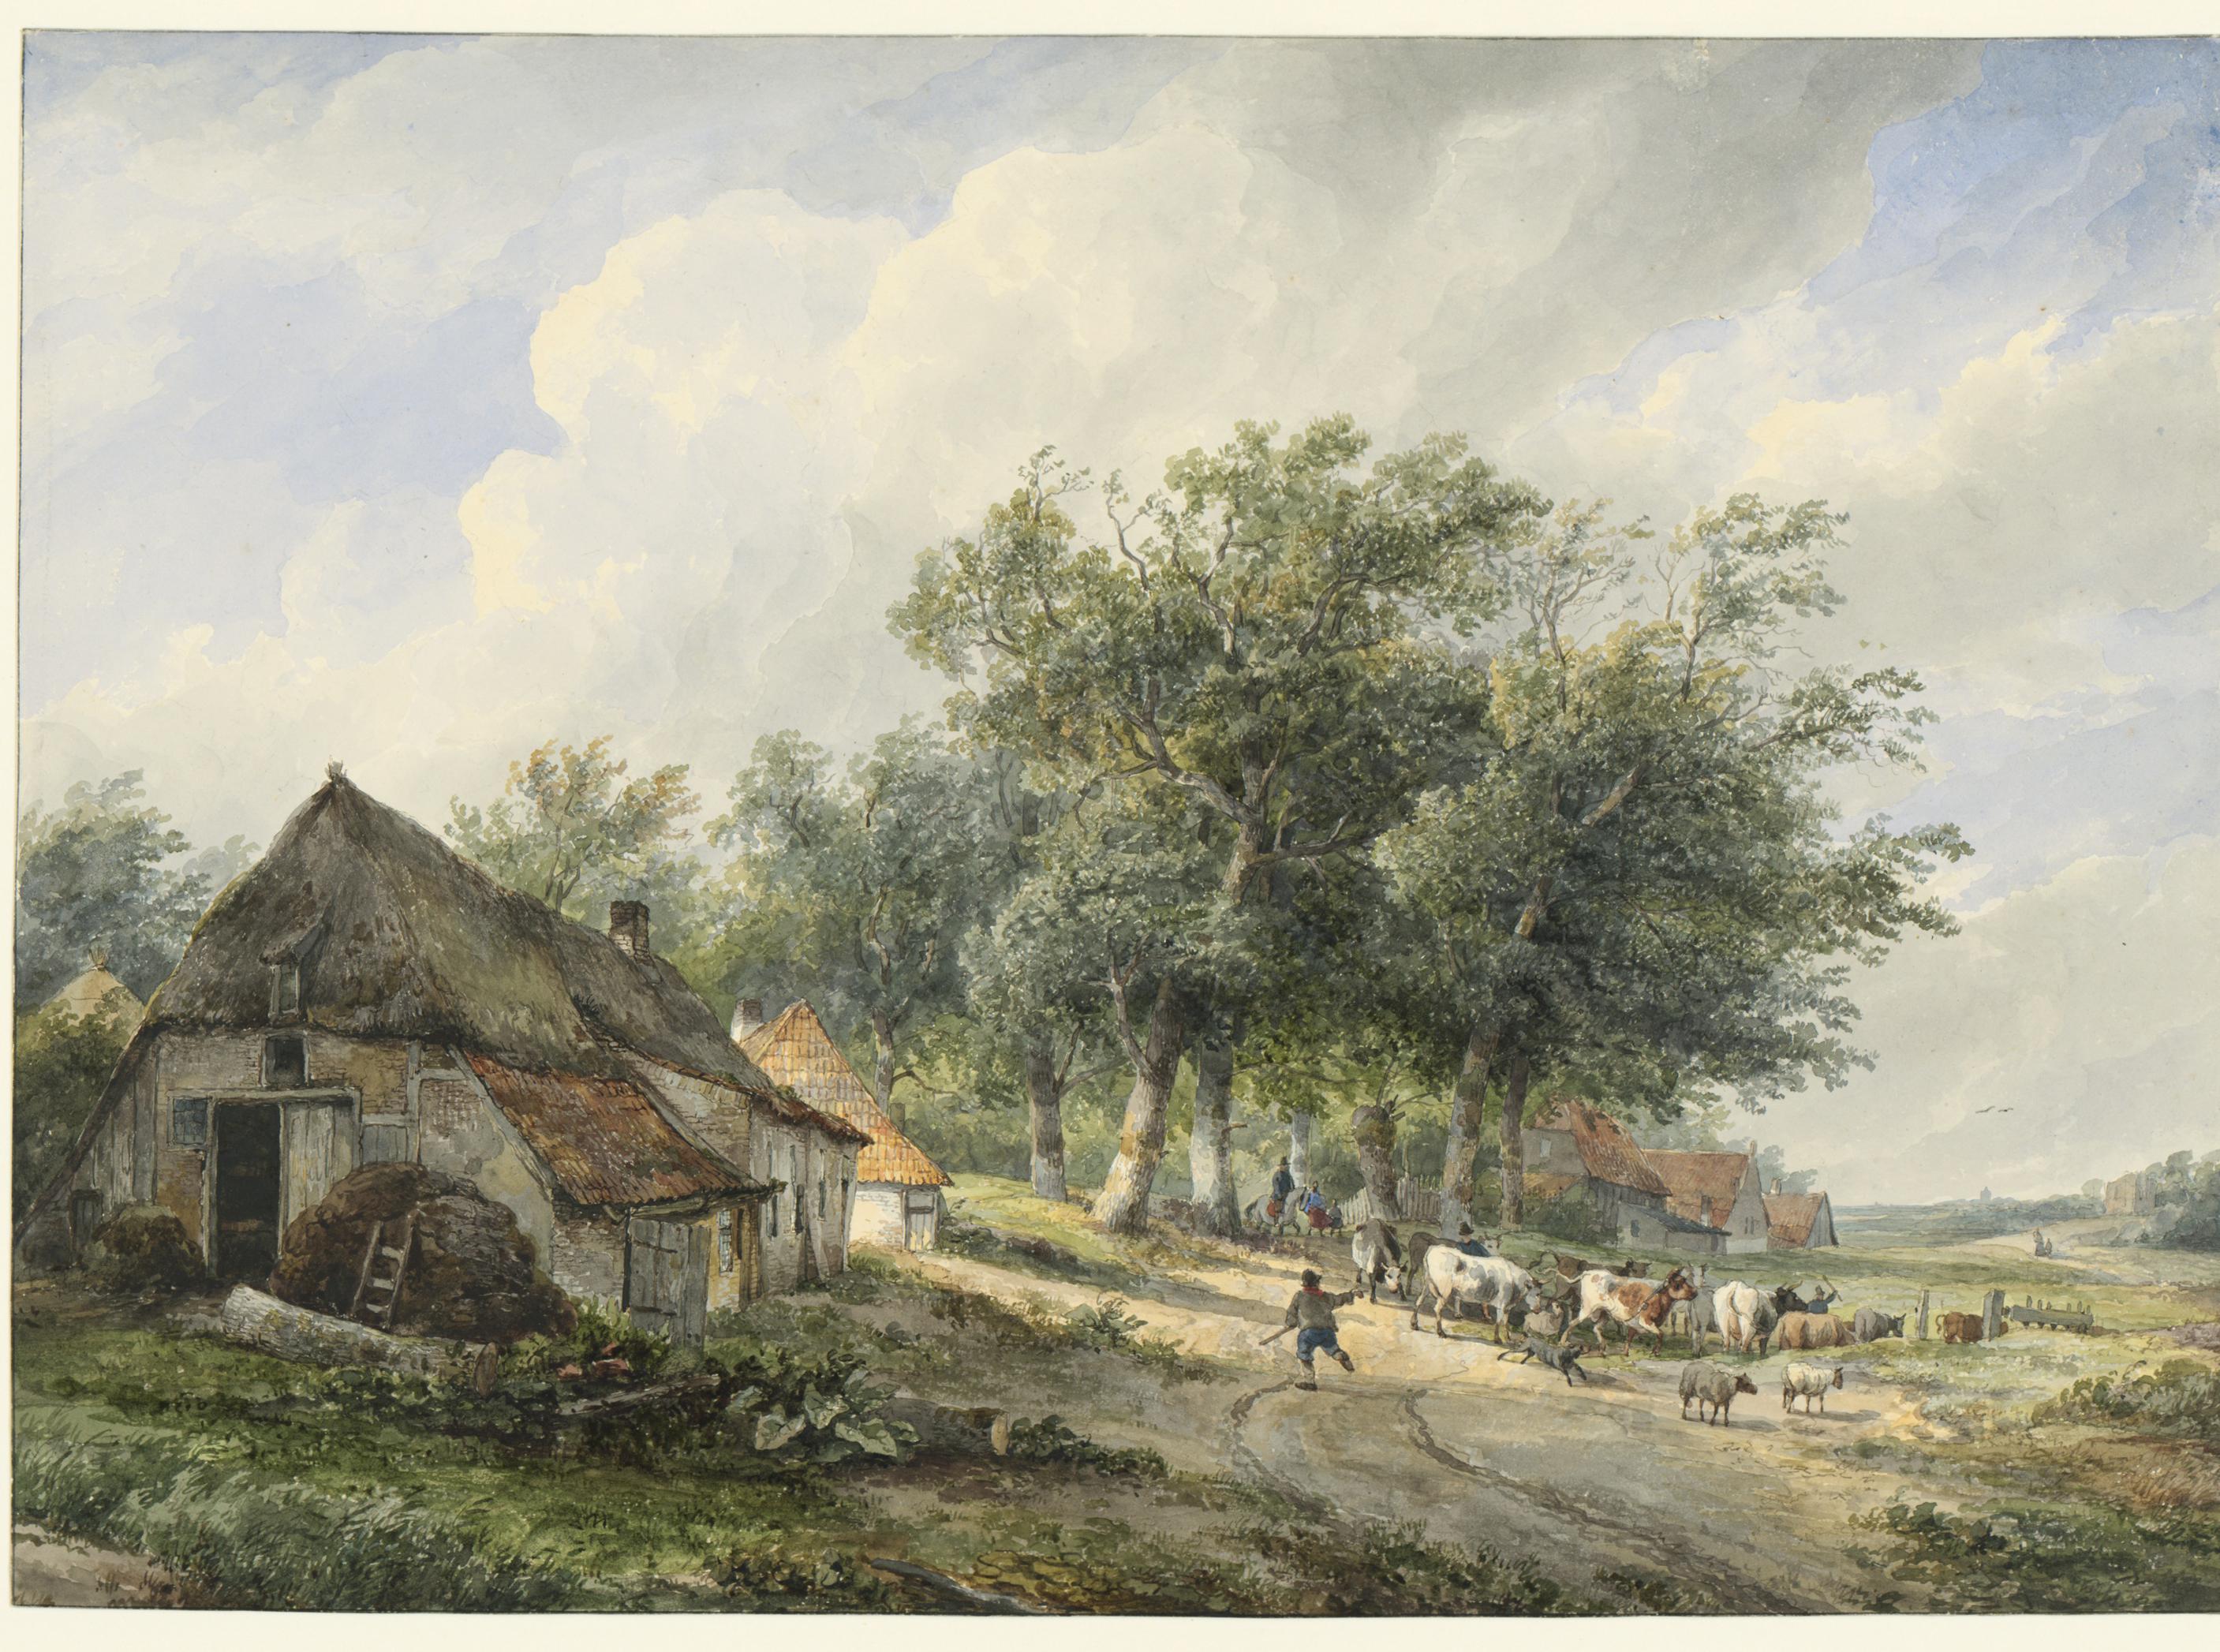 Wijnand_Nuijen_-_Landschap_met_boerderijen_en_vee